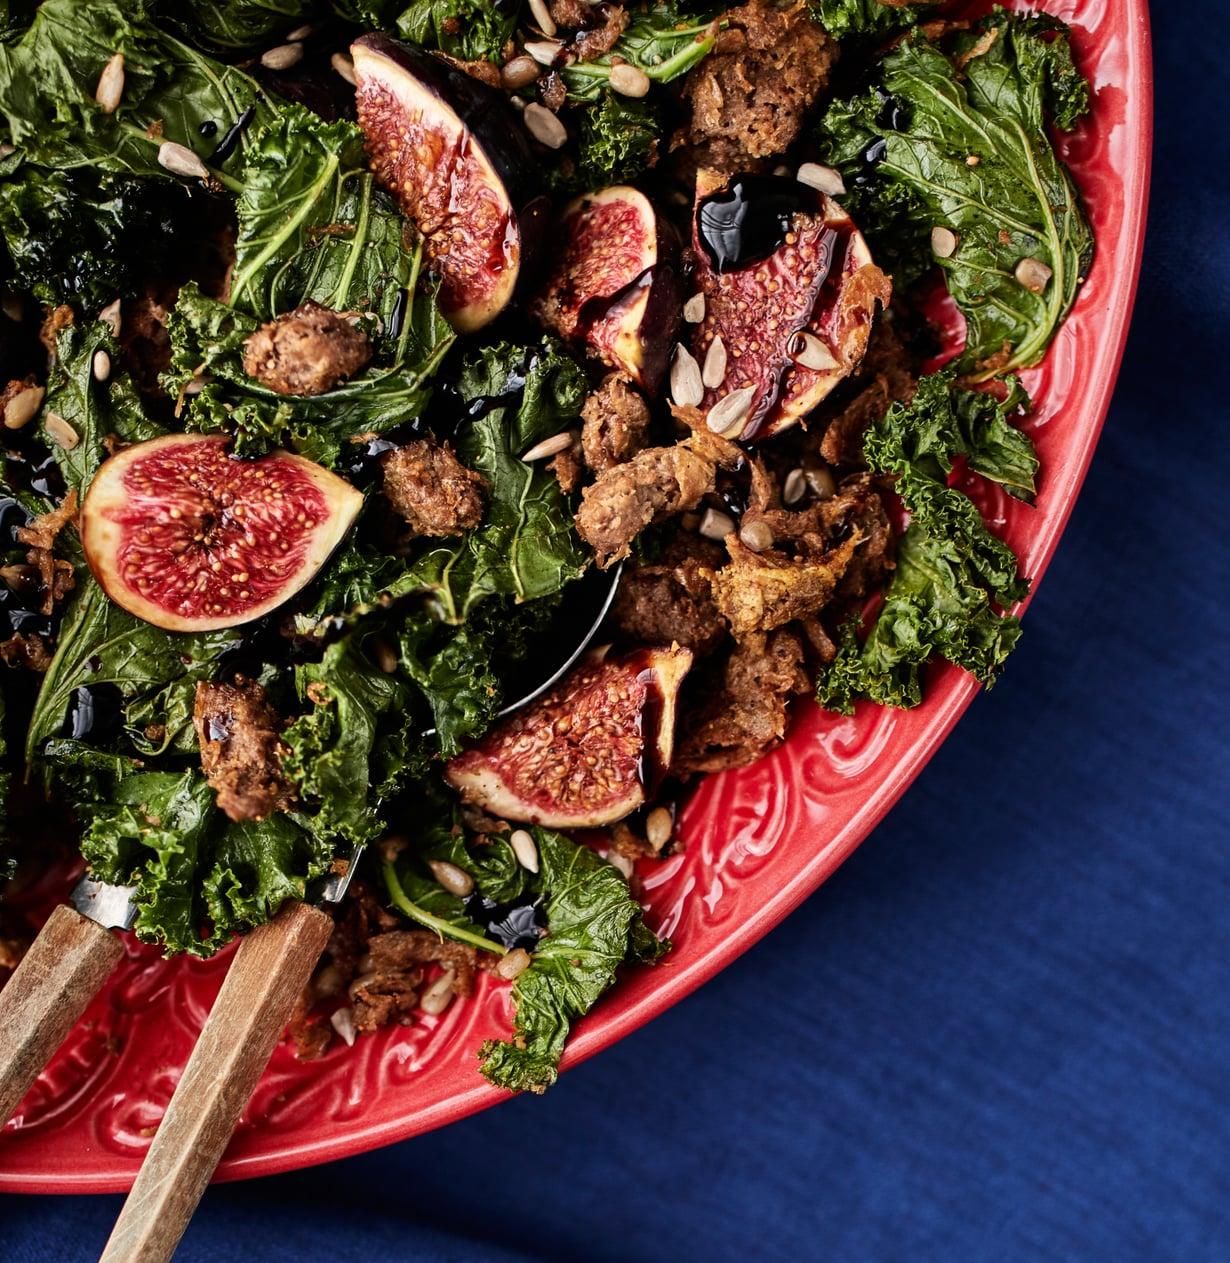 Nyhtökauraa joulupöydässä? Kyllä! Lämmin salaatti yhdistää rapean, makean ja suolaisen.